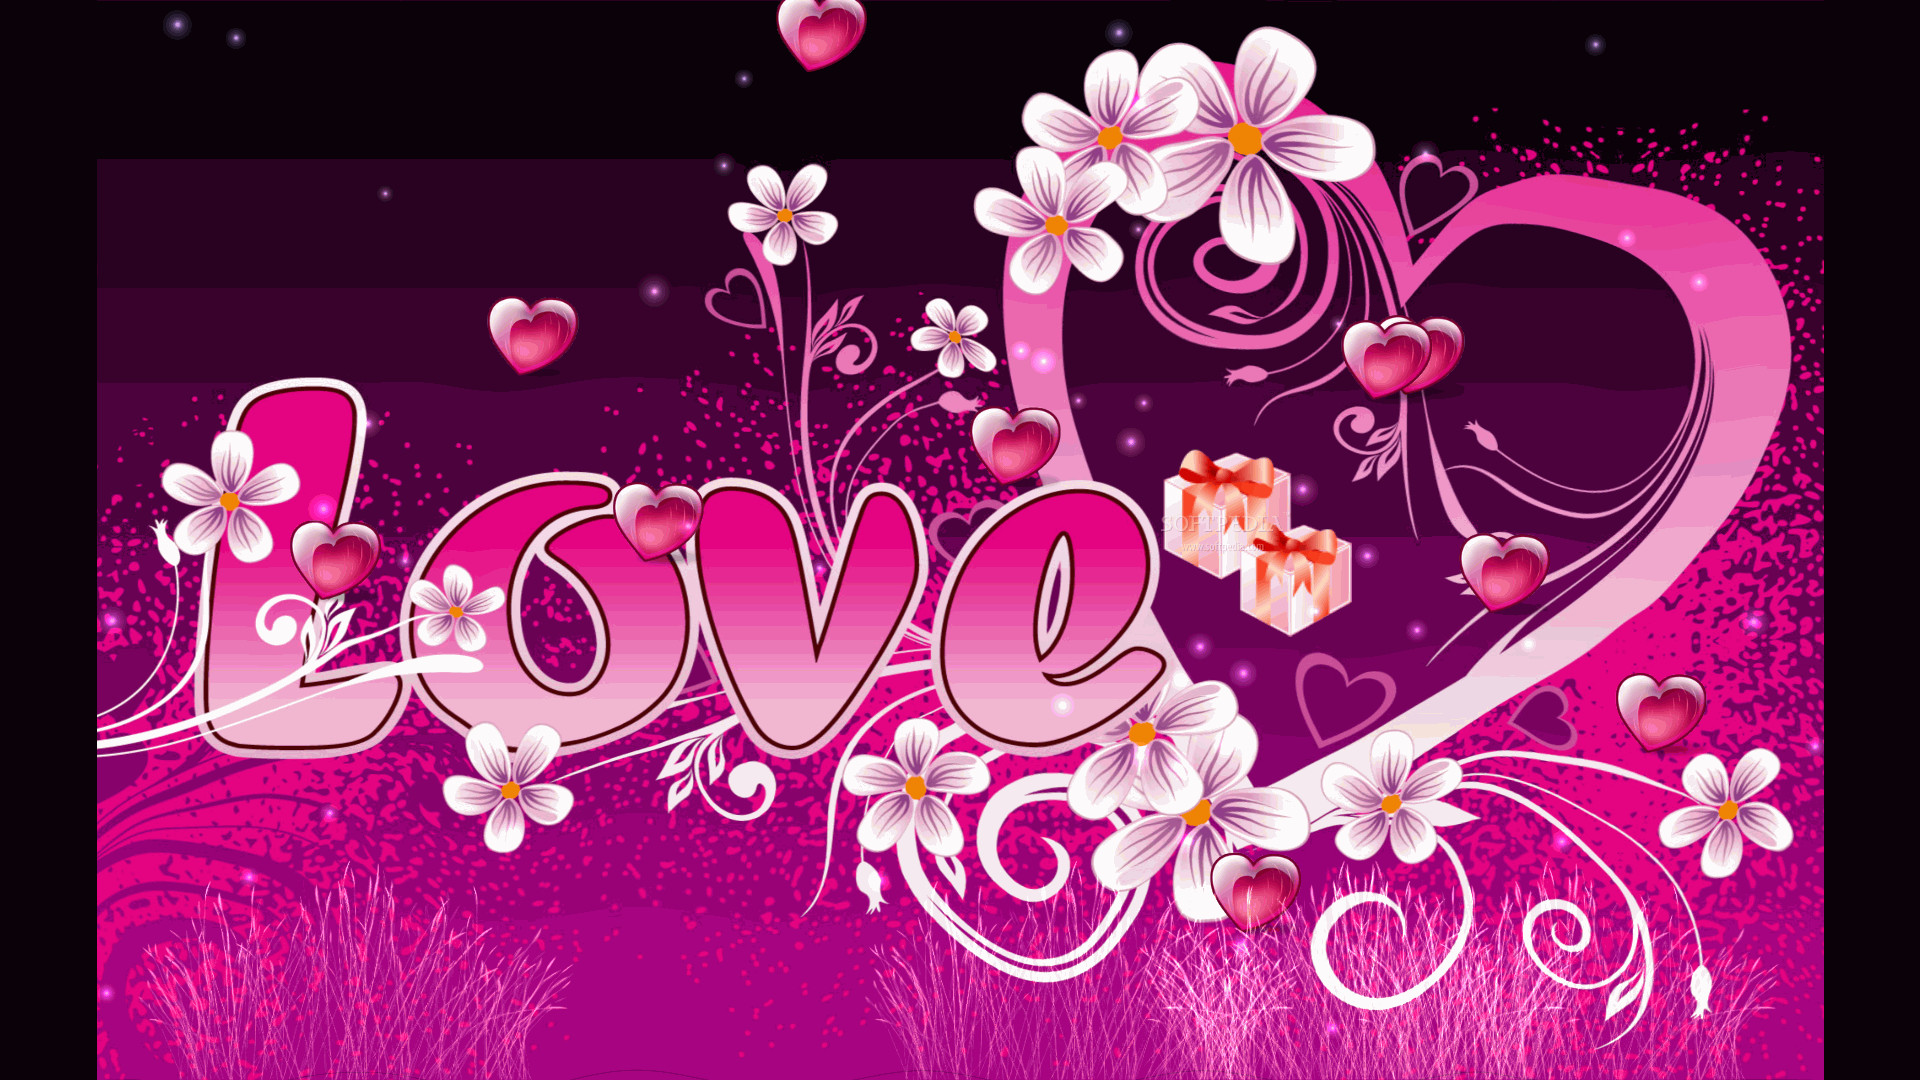 Be My Valentine Screensaver – Be My Valentine Screensaver displays a .